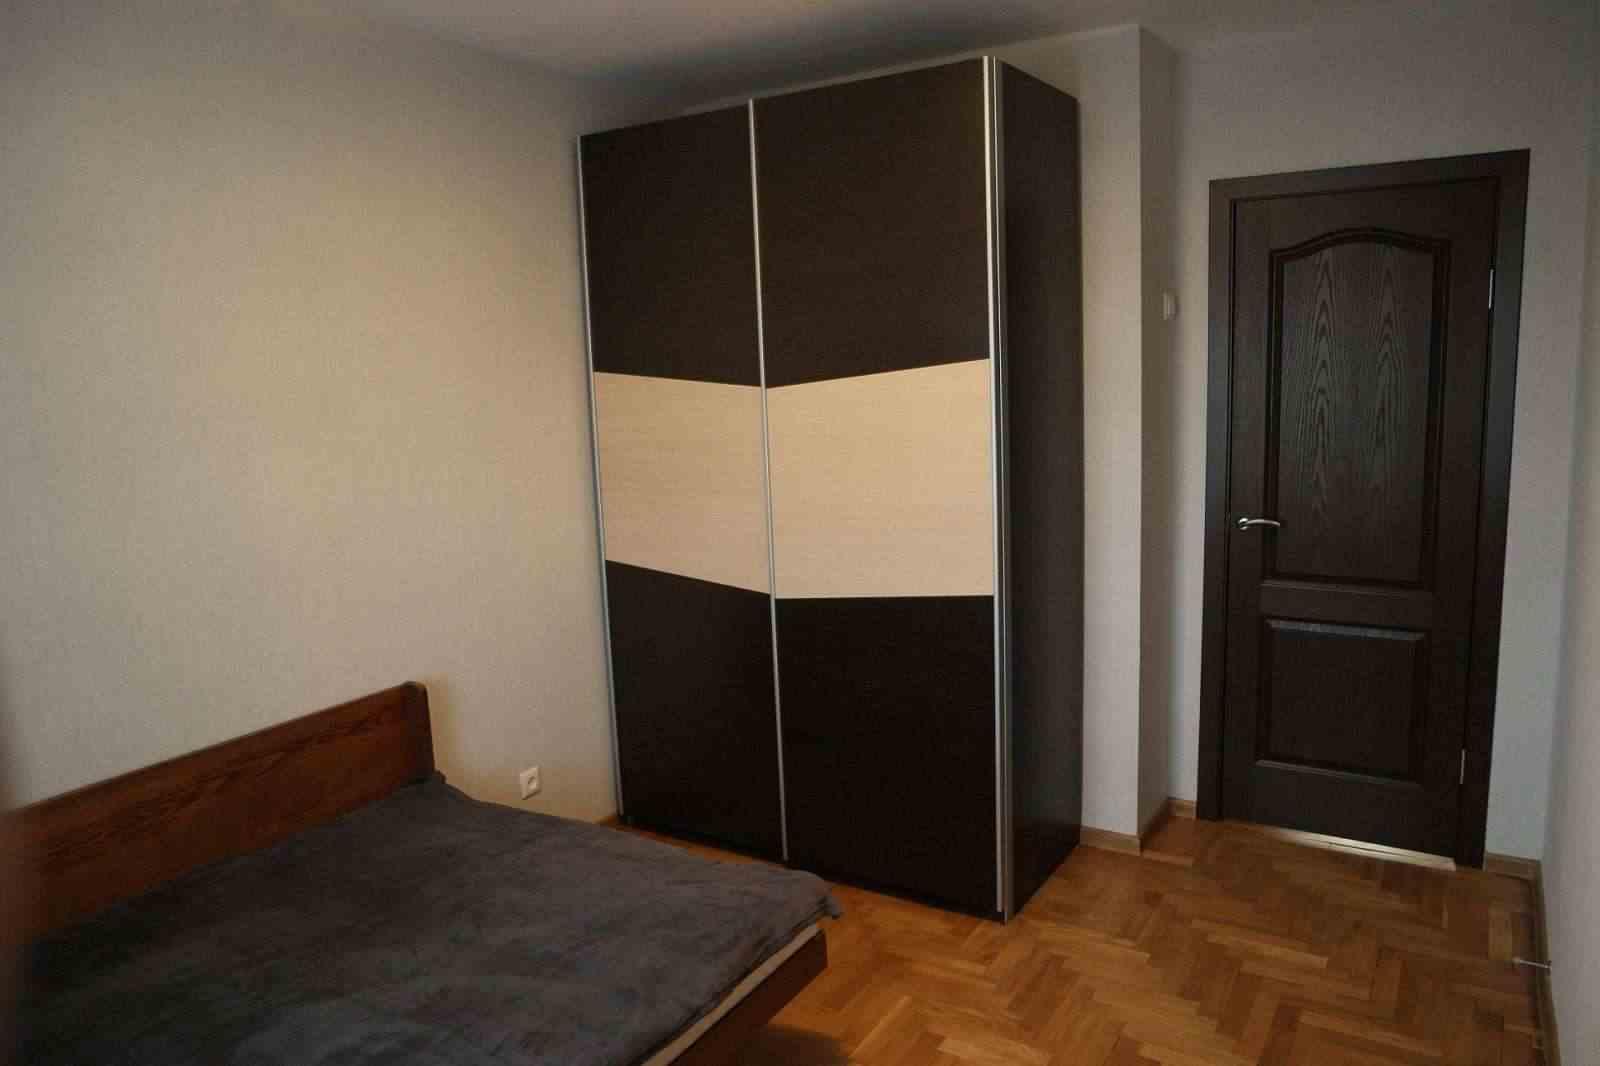 4-х комнатная квартира на Сторожевской. Фото